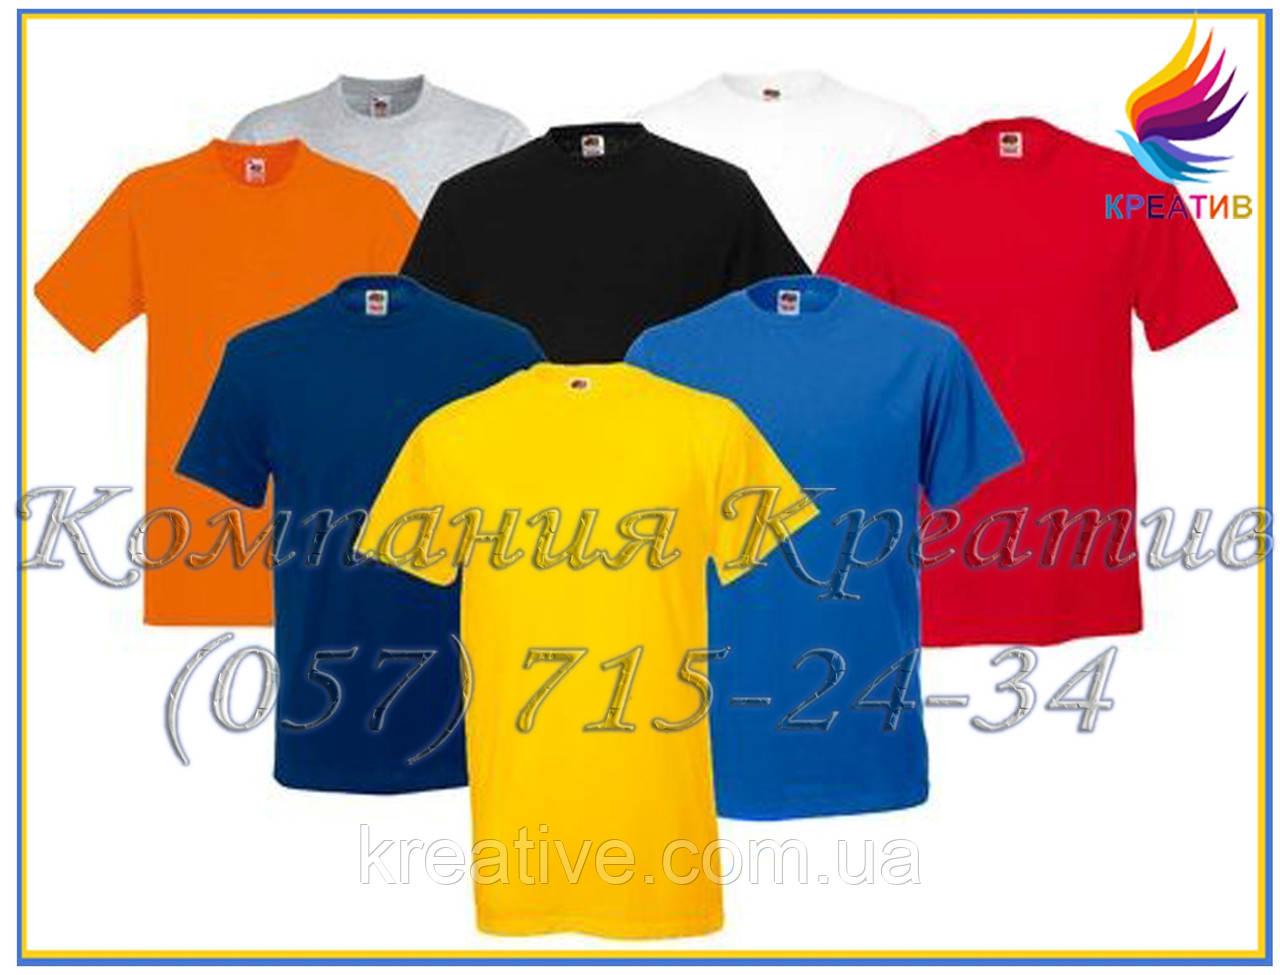 Футболки цветные с возможностью брендирования (от 50 шт.)